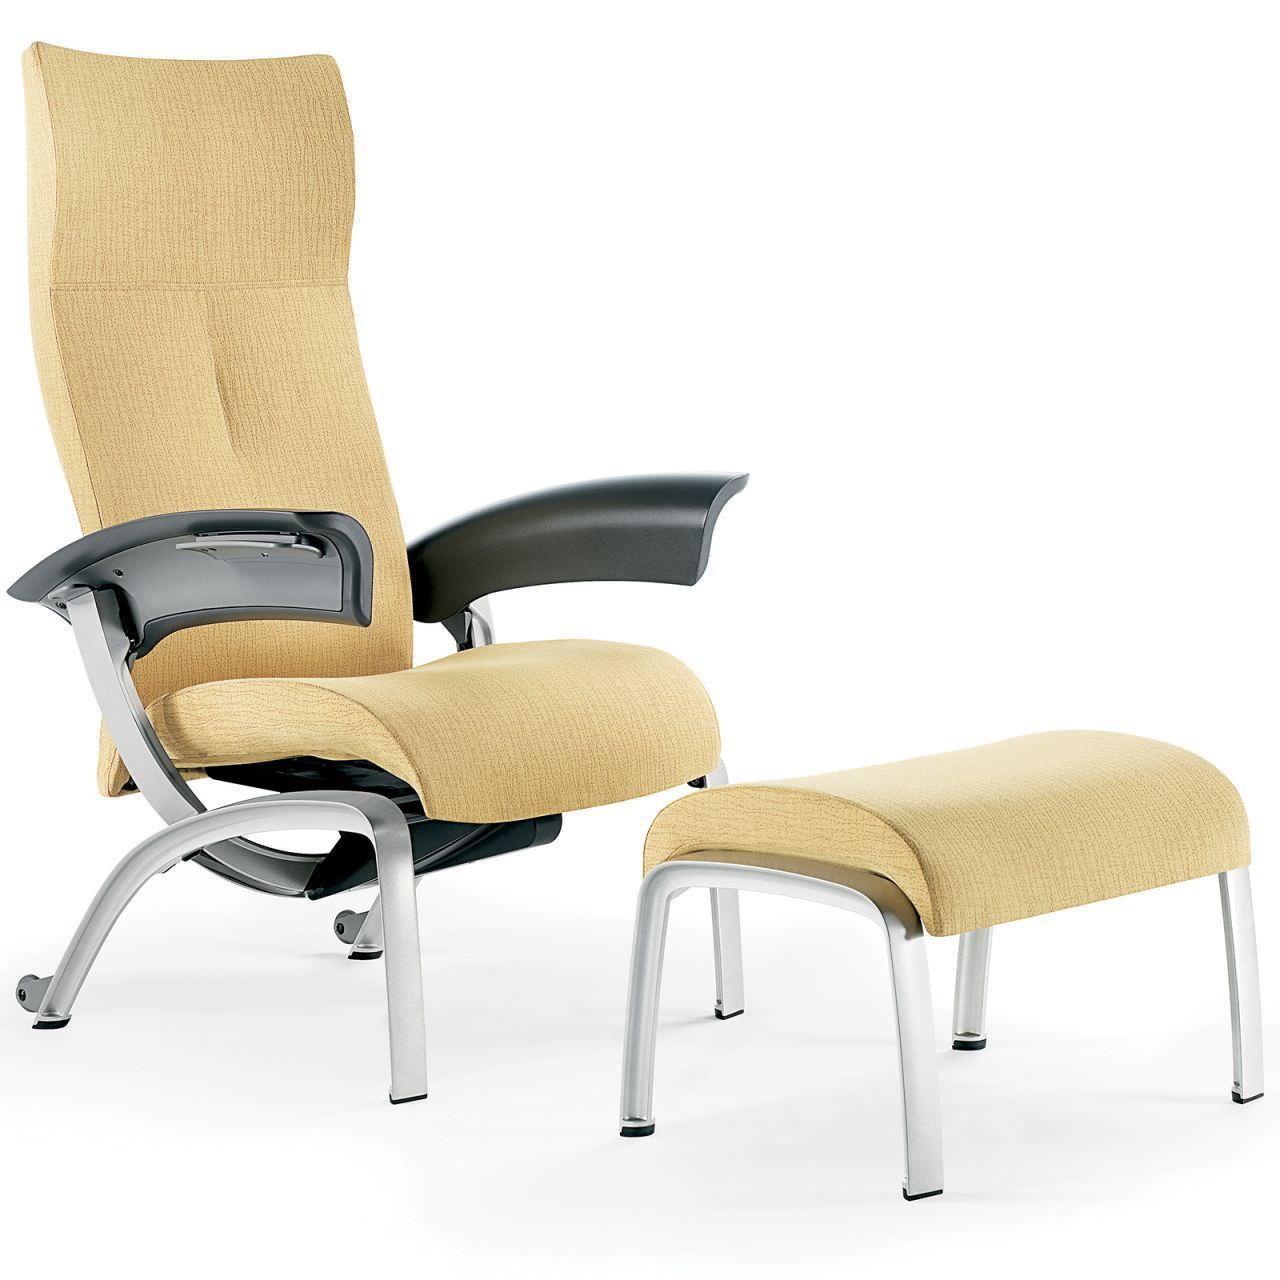 Reclining patient chair / tilting / manual Nala Nemschoff ...  sc 1 st  MedicalExpo & Reclining patient chair / tilting / manual - Nala - Nemschoff islam-shia.org